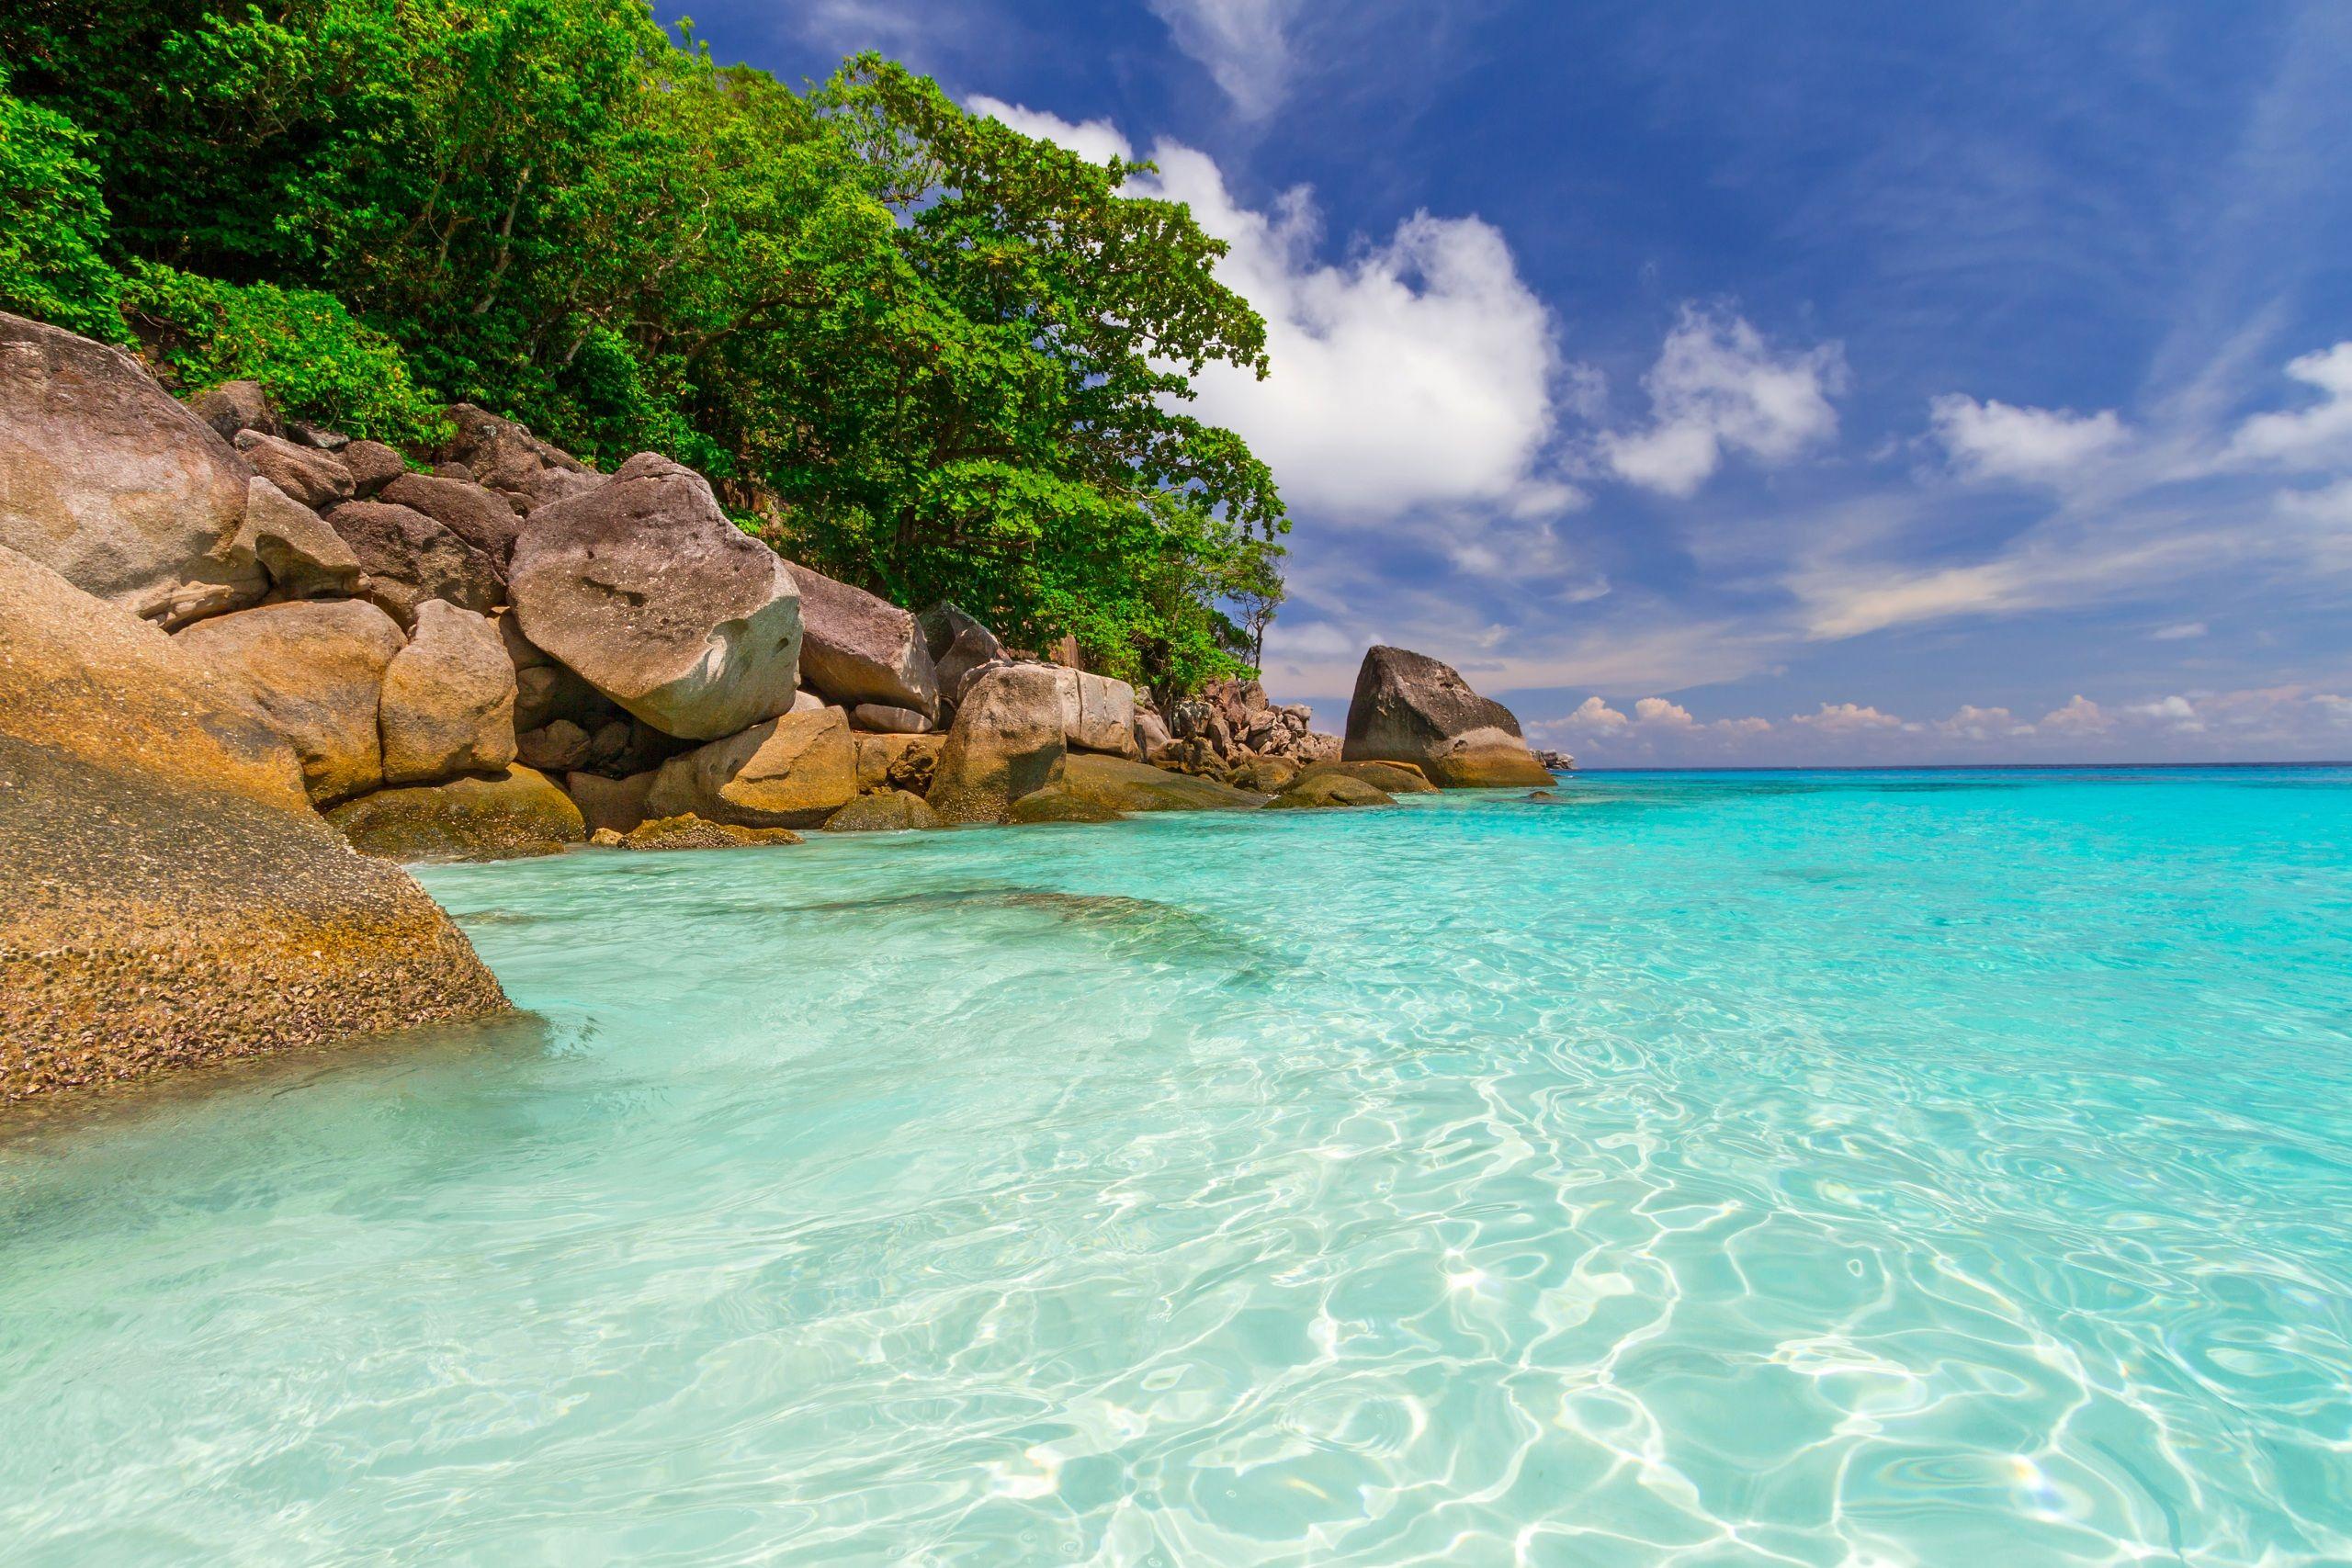 Fonds D Ecran Thailande Tropique Cote Mer Pierres Ciel Phuket Nature Image Fond Ecran Phuket Fond Ecran Summer